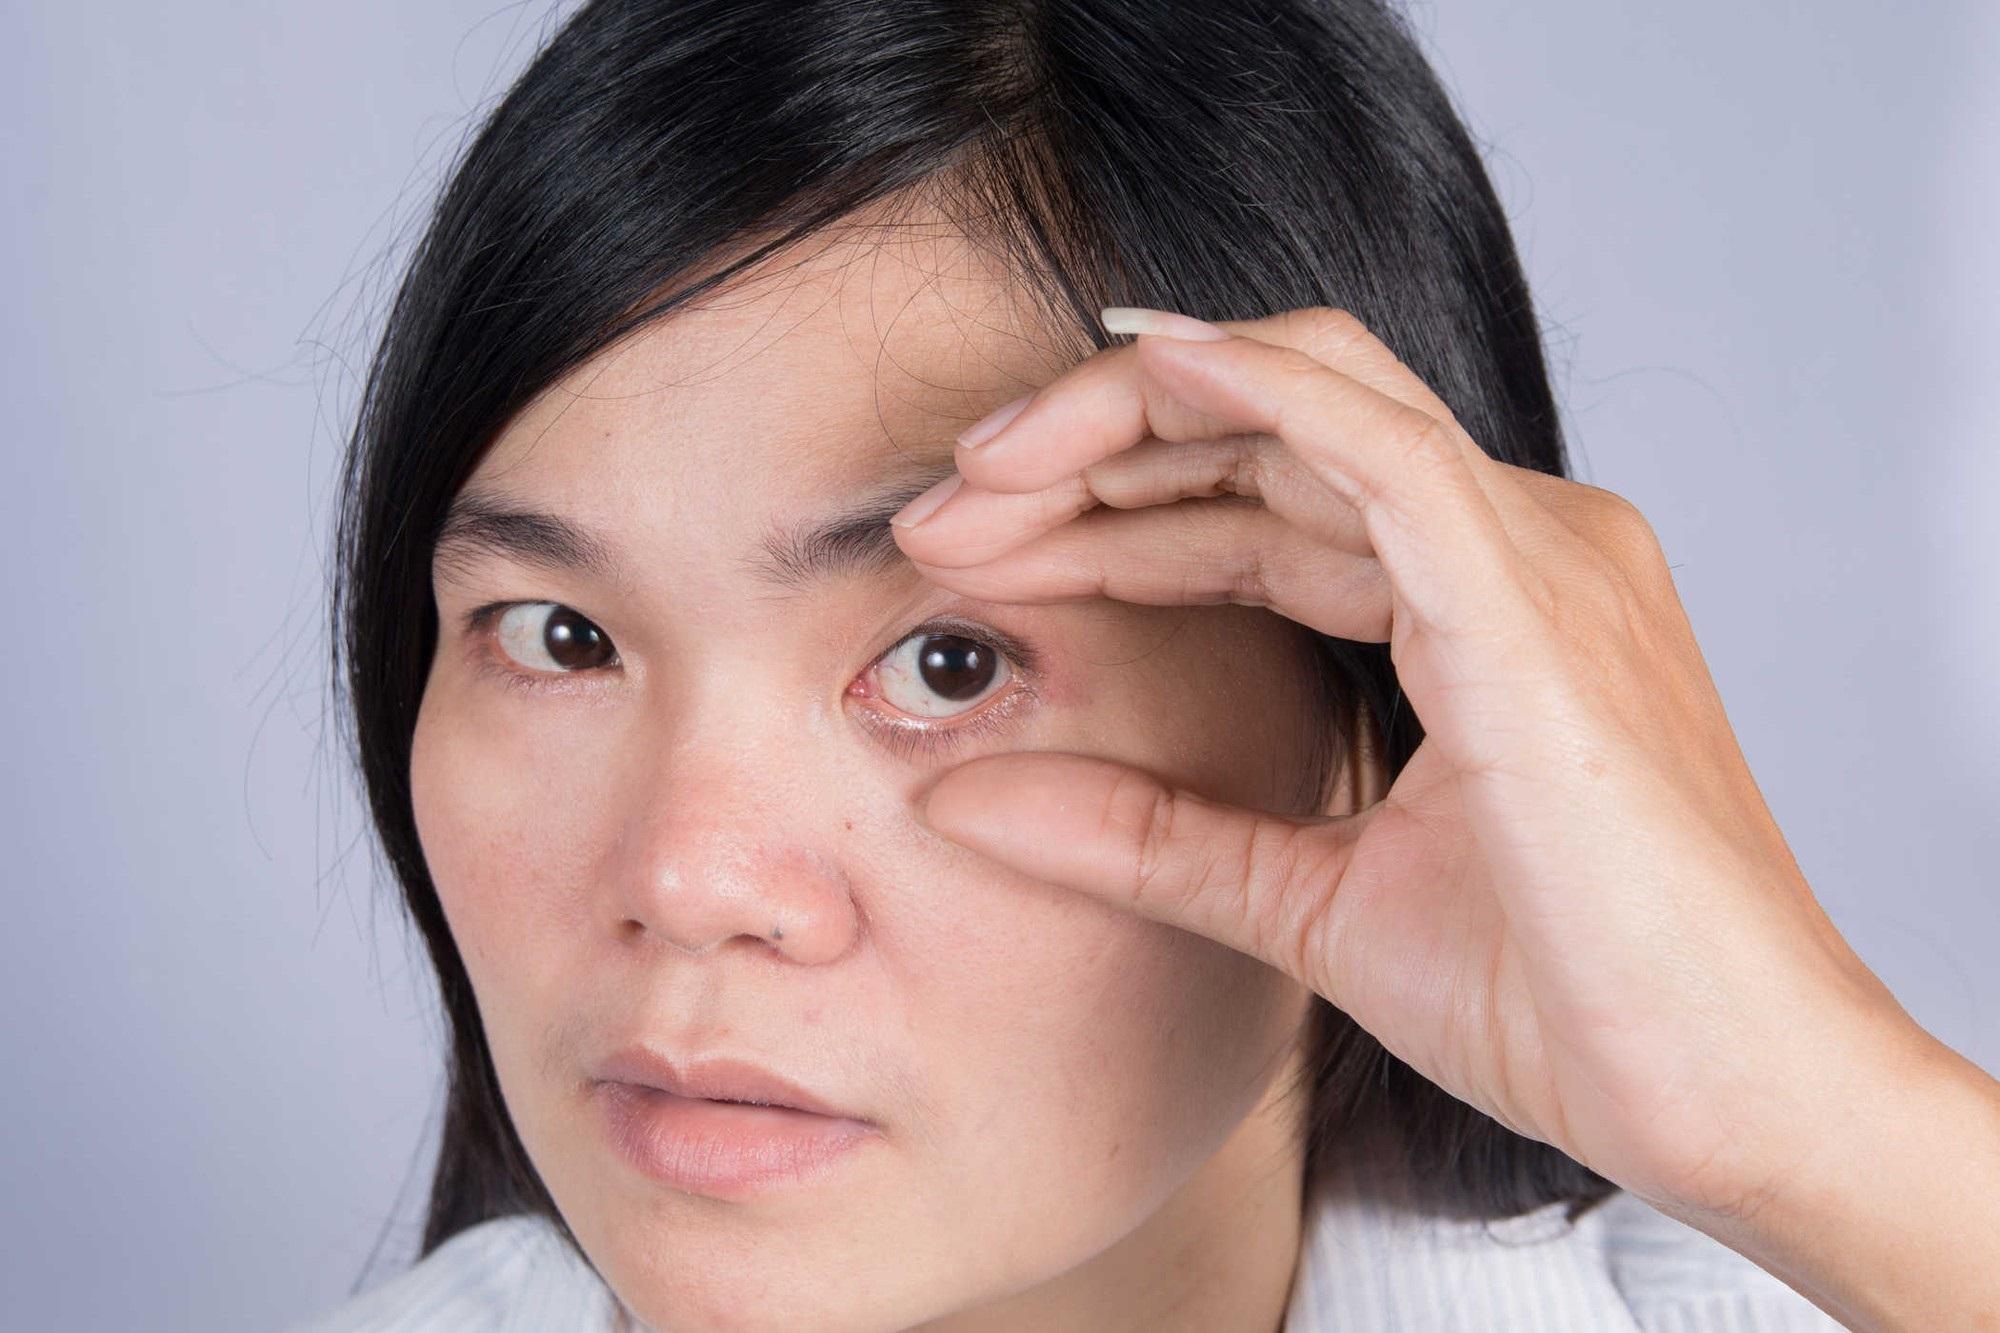 6 triệu chứng bất thường cảnh báo sức khỏe con gái đang gặp vấn đề nghiêm trọng - Ảnh 4